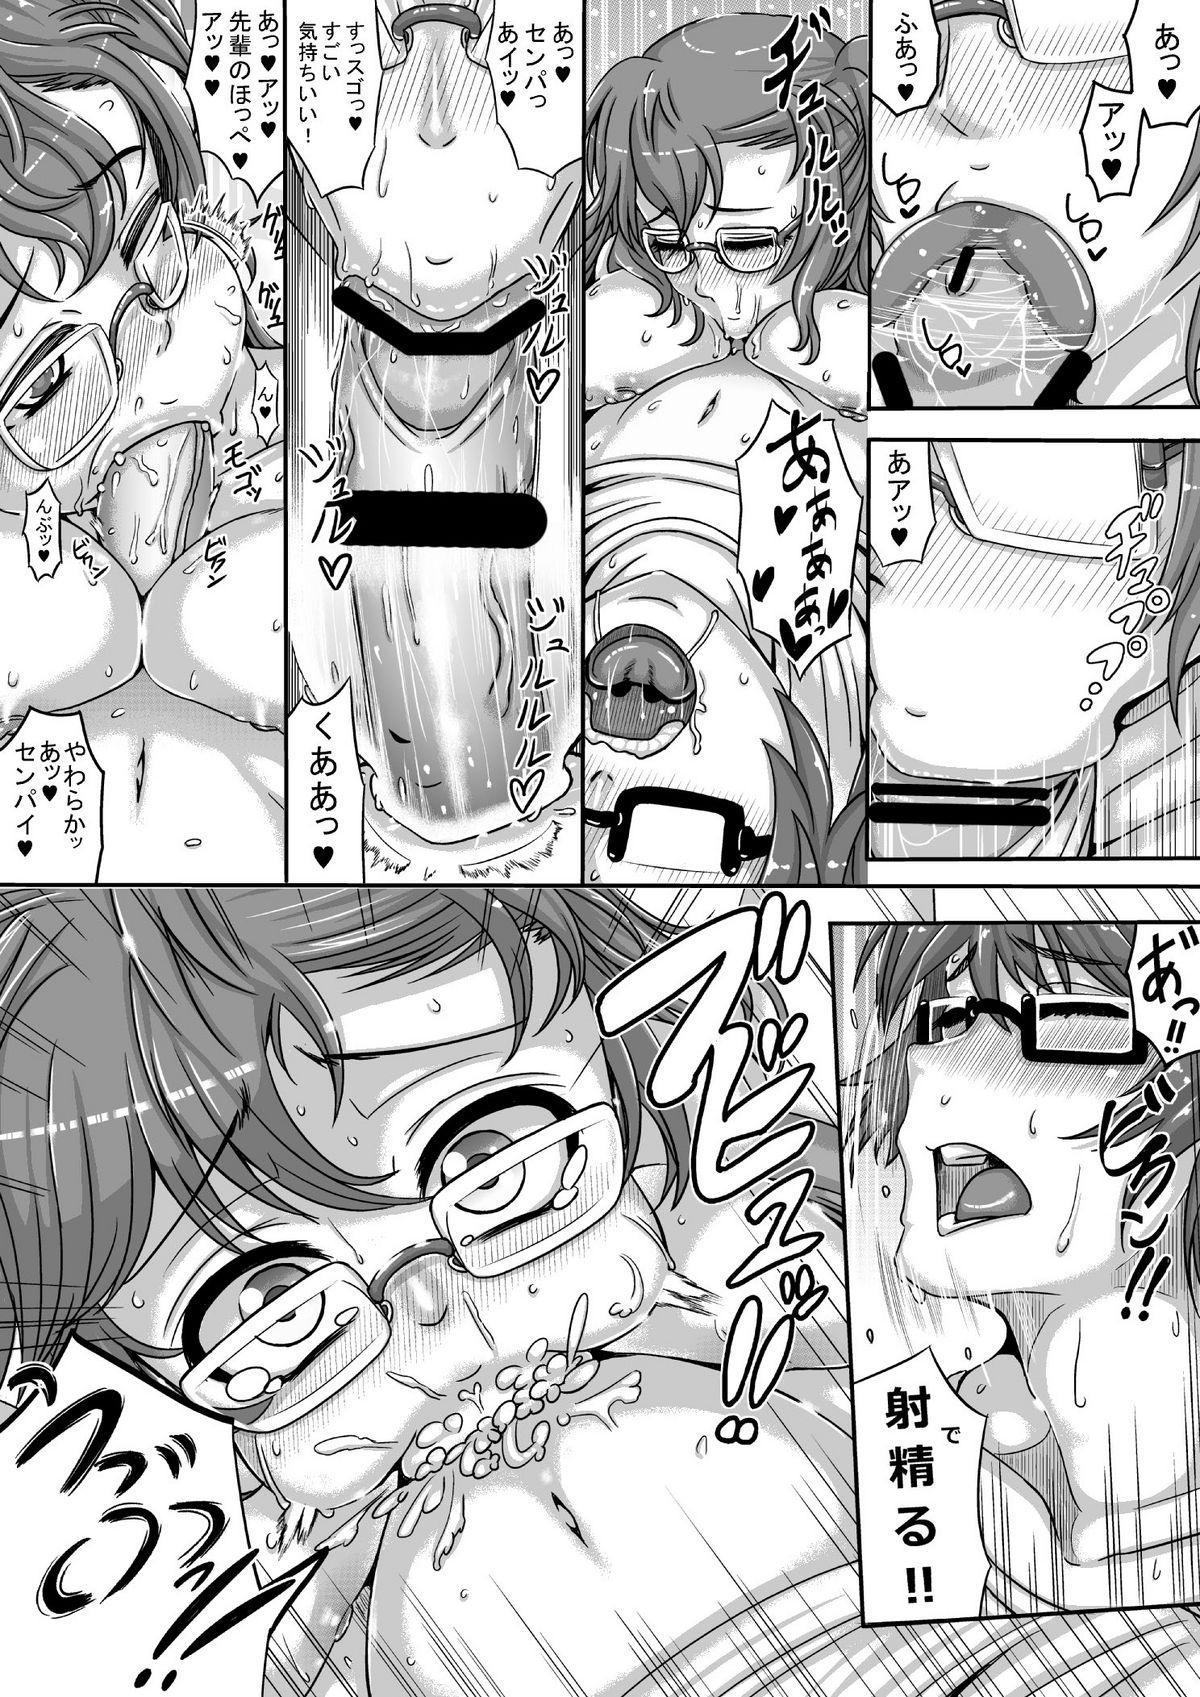 Ano Natsu no Dynamite Drink 11